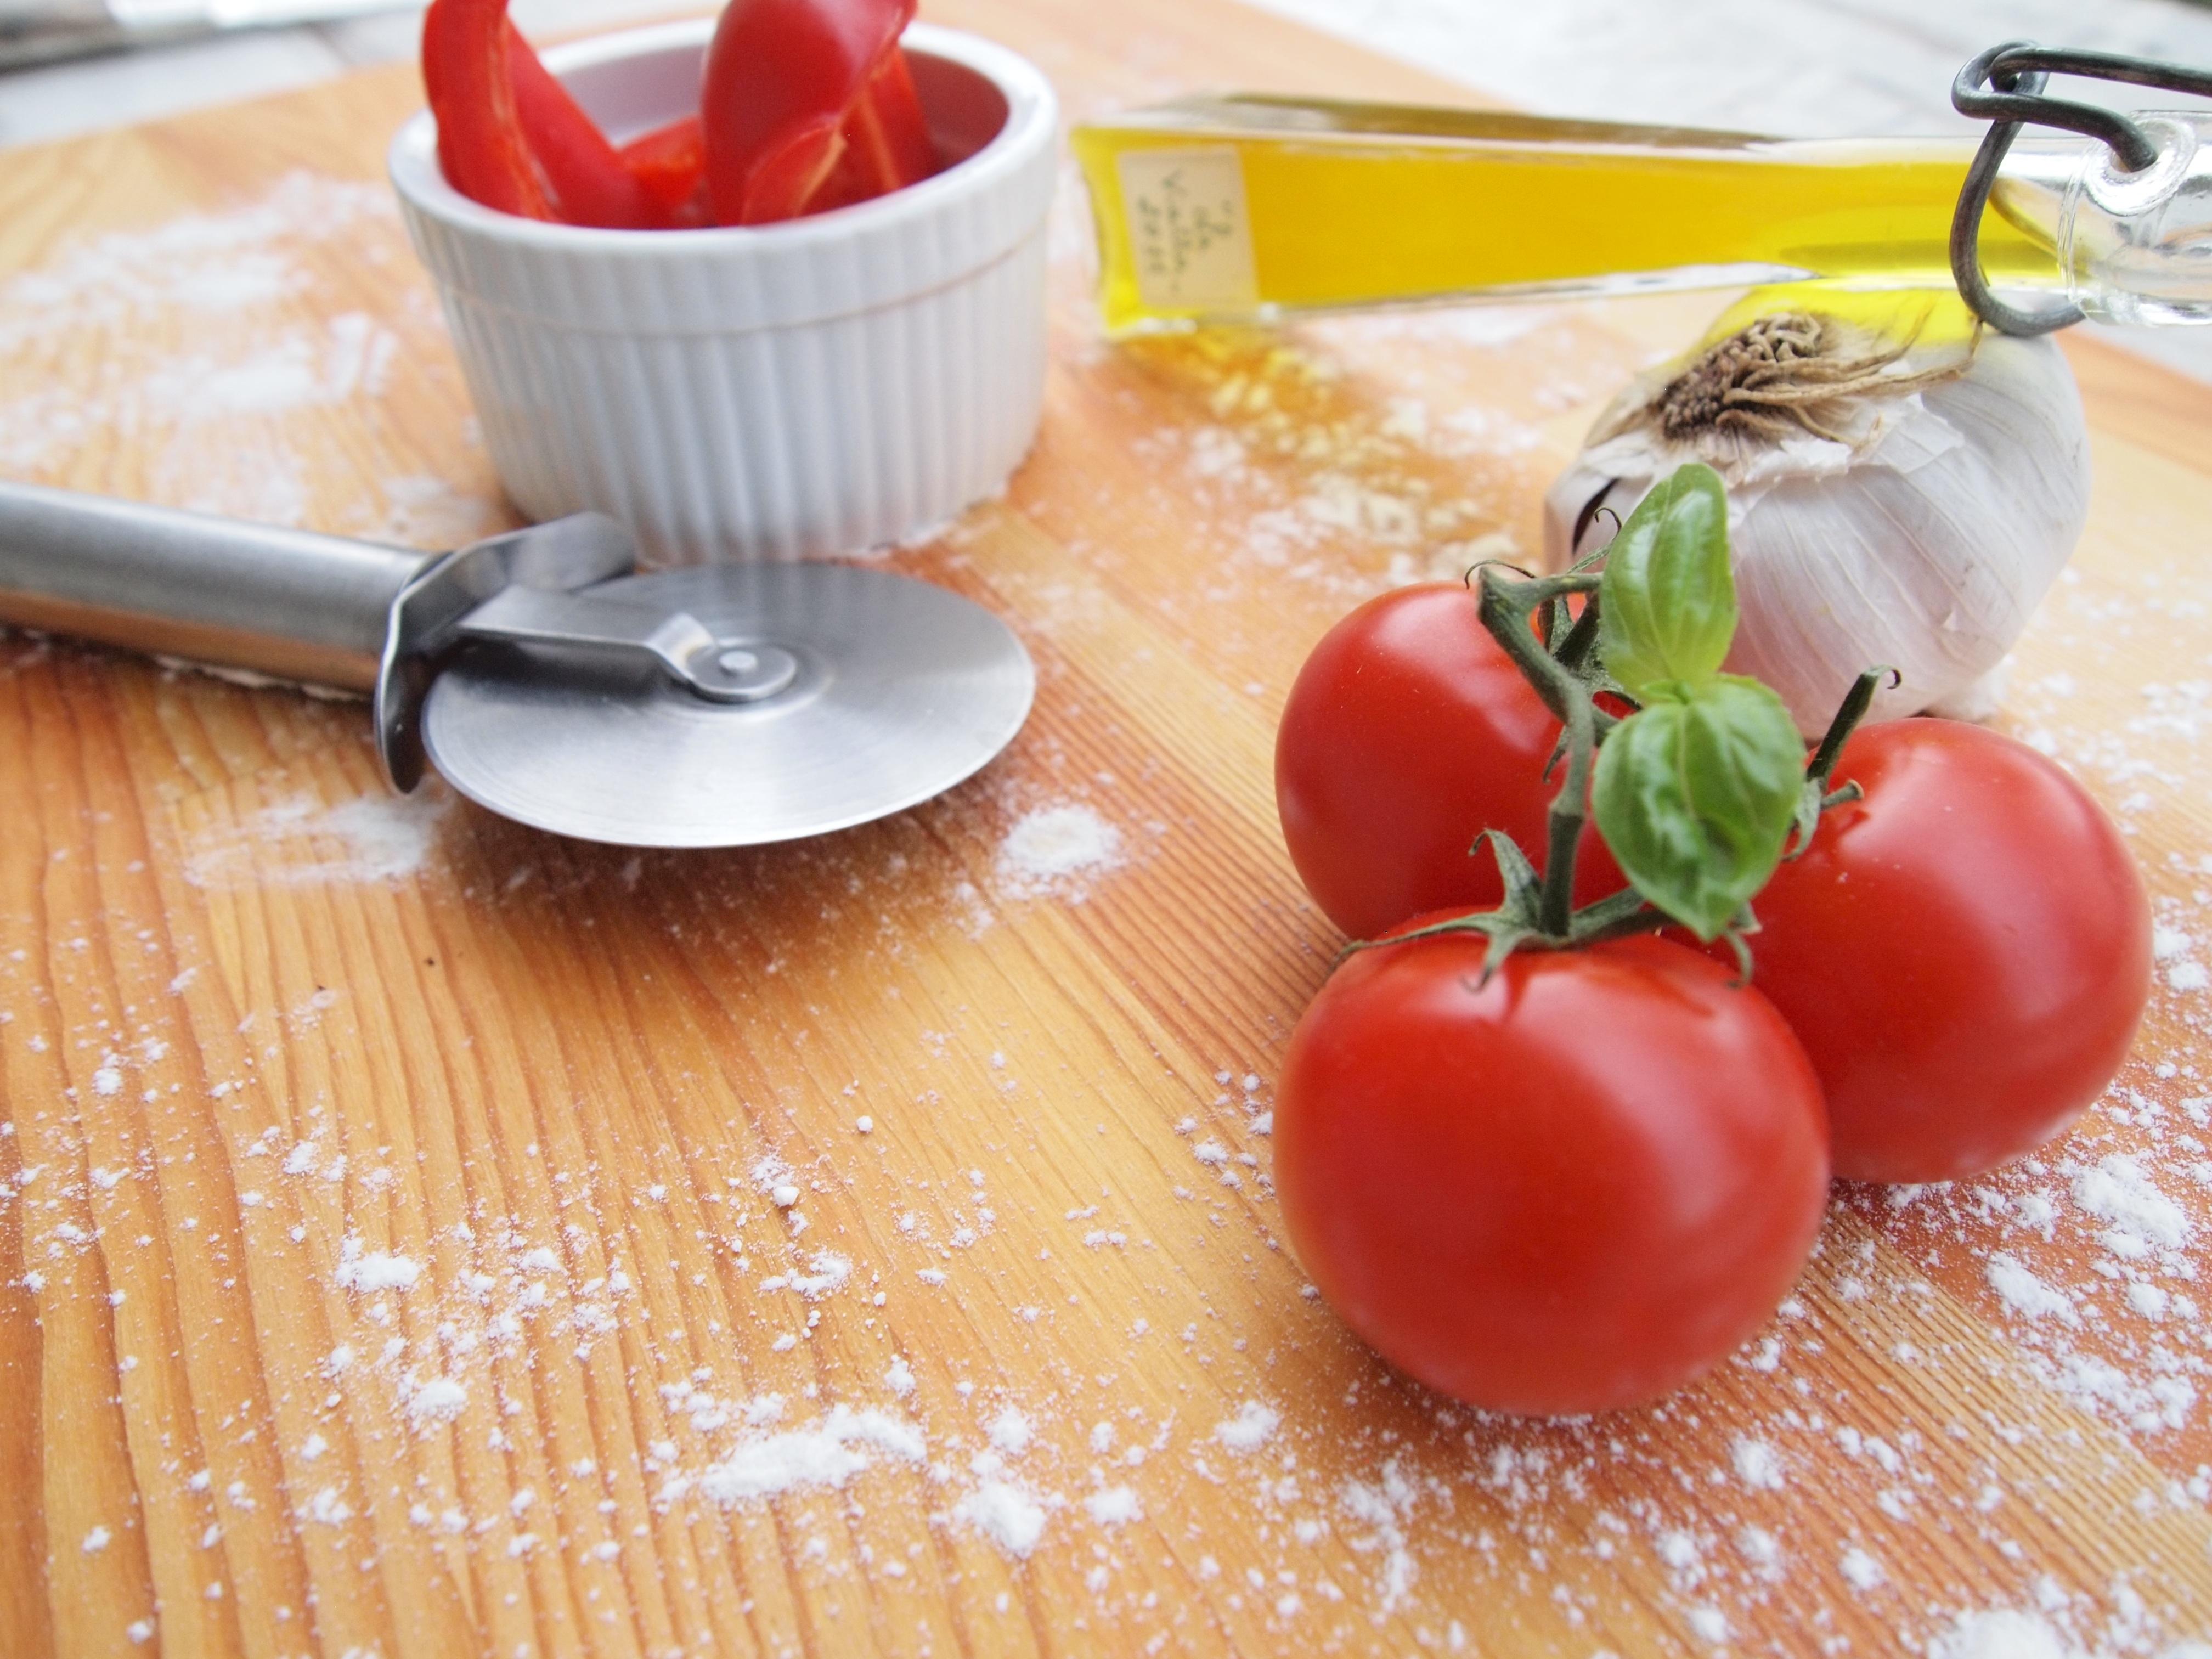 Decoratie fruit en groente aardbei aardbeien automaat polyester decoratie en tuin beelden - Decoratie schotel ...